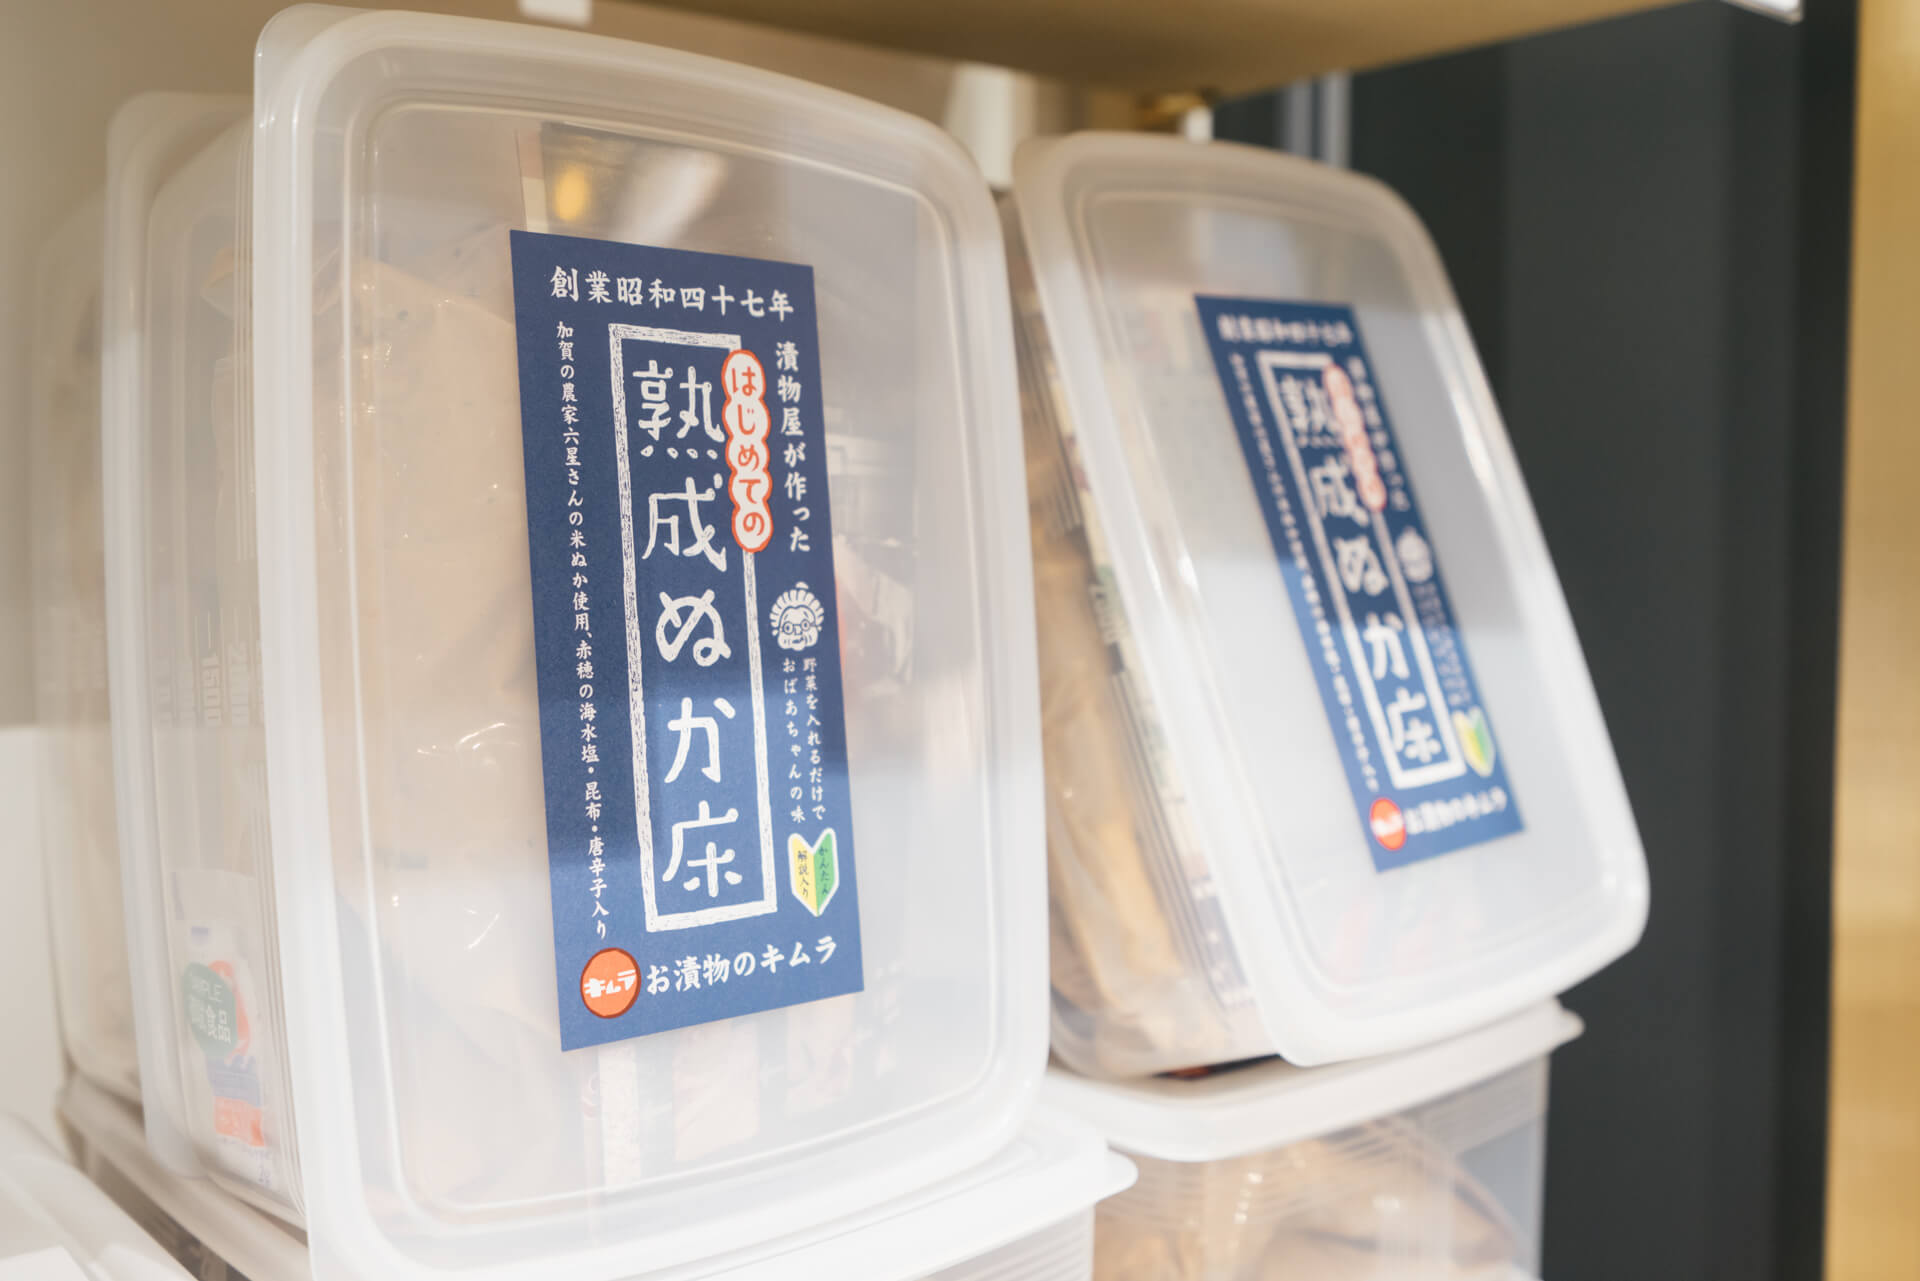 お家でぬか床を始めたい、という方には、宮崎の漬物屋さんが作る「熟成ぬか床」が人気。通常、半年ほどかかる菌を育てる行程がいらず、すぐ始めることができるそうです。